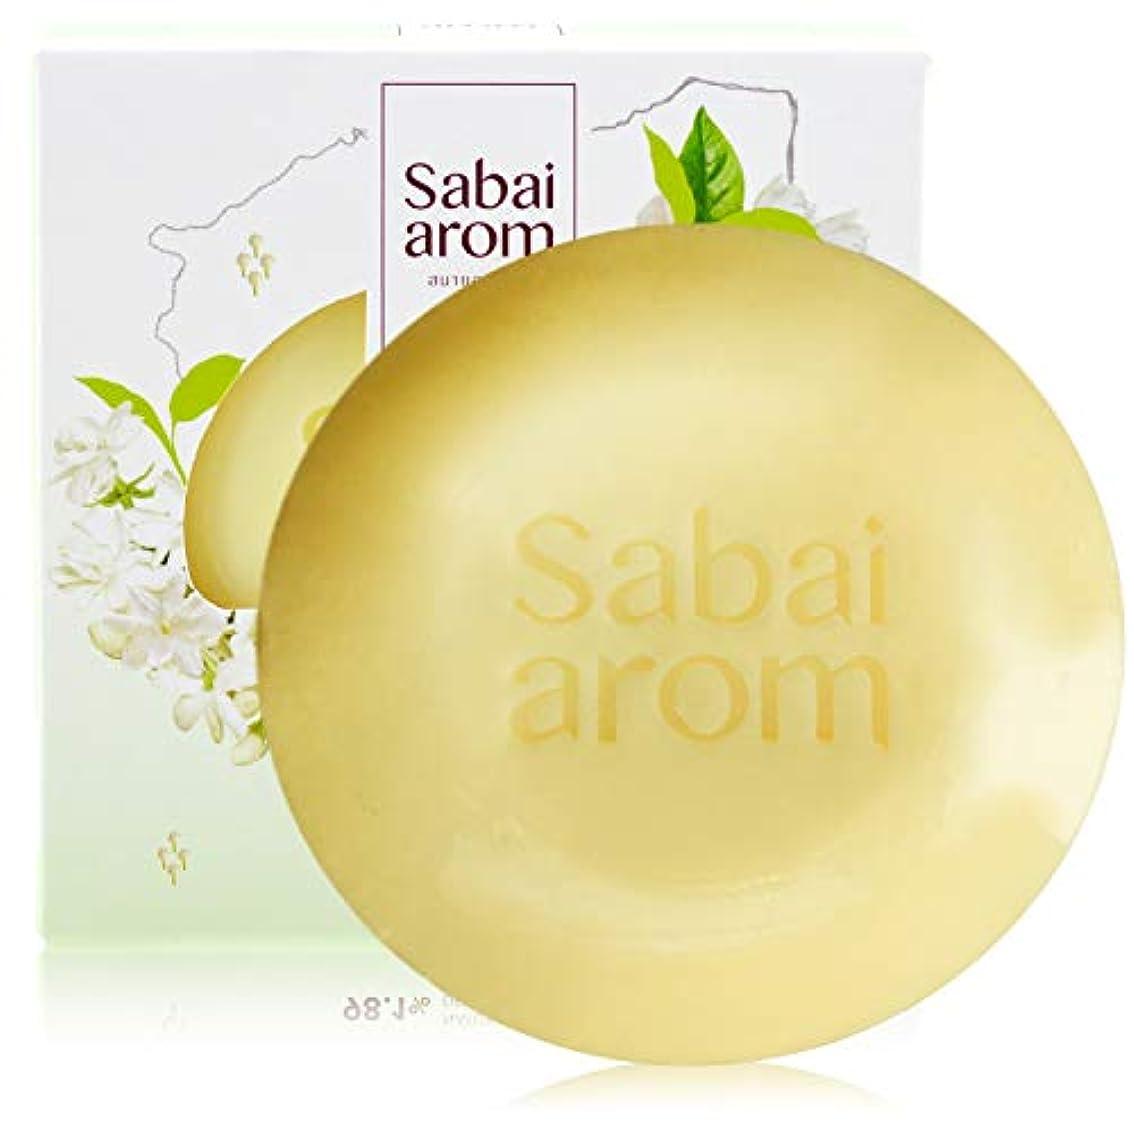 奨励しますヘッドレス開業医サバイアロム(Sabai-arom) マリラー ジャスミン リチュアル フェイス&ボディソープバー (石鹸) 100g【JAS】【001】